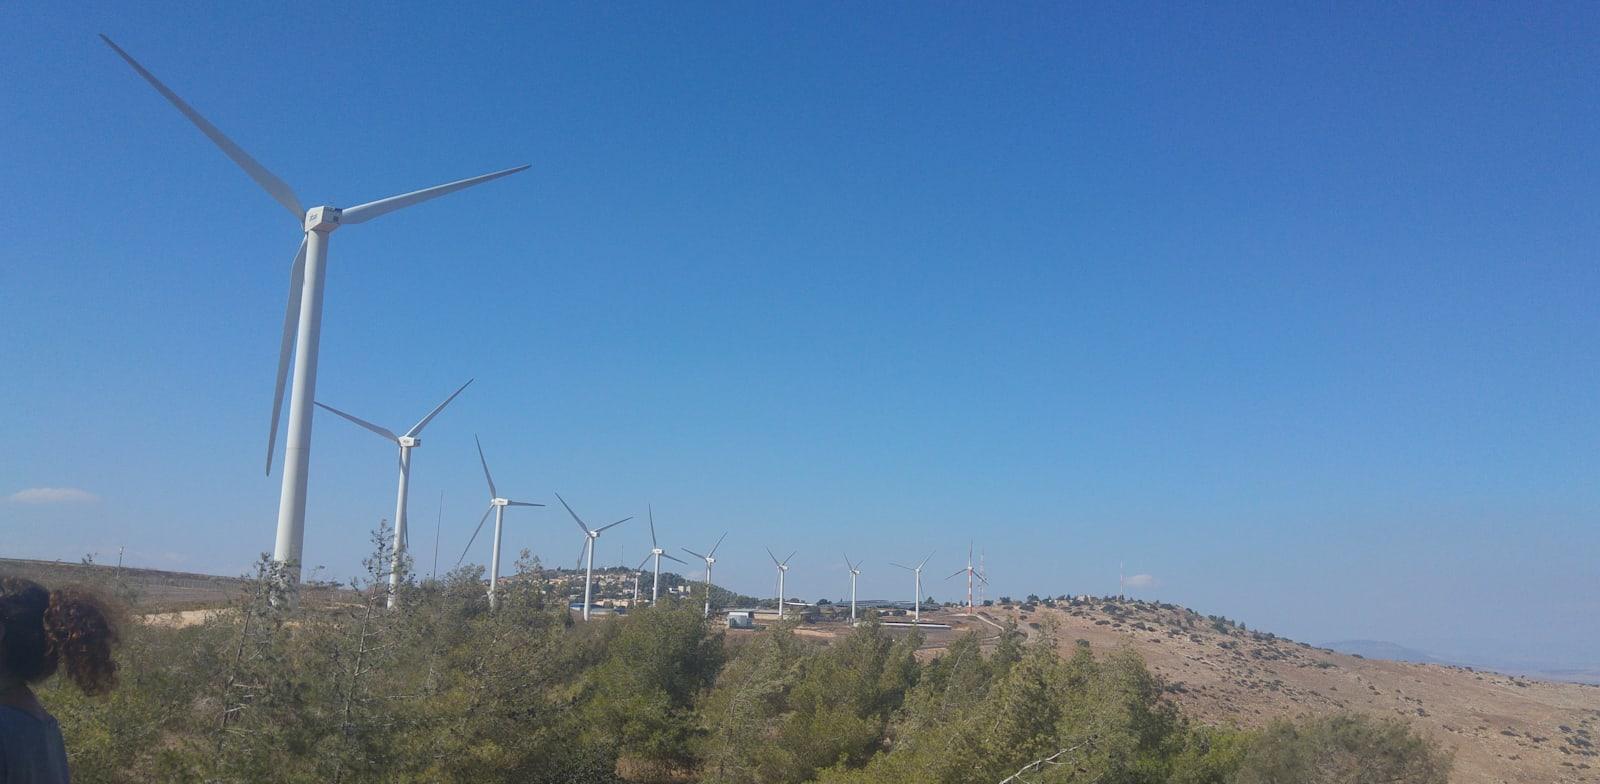 טורבינות הרוח גלבוע בגליל / צילום: אלי גנצר